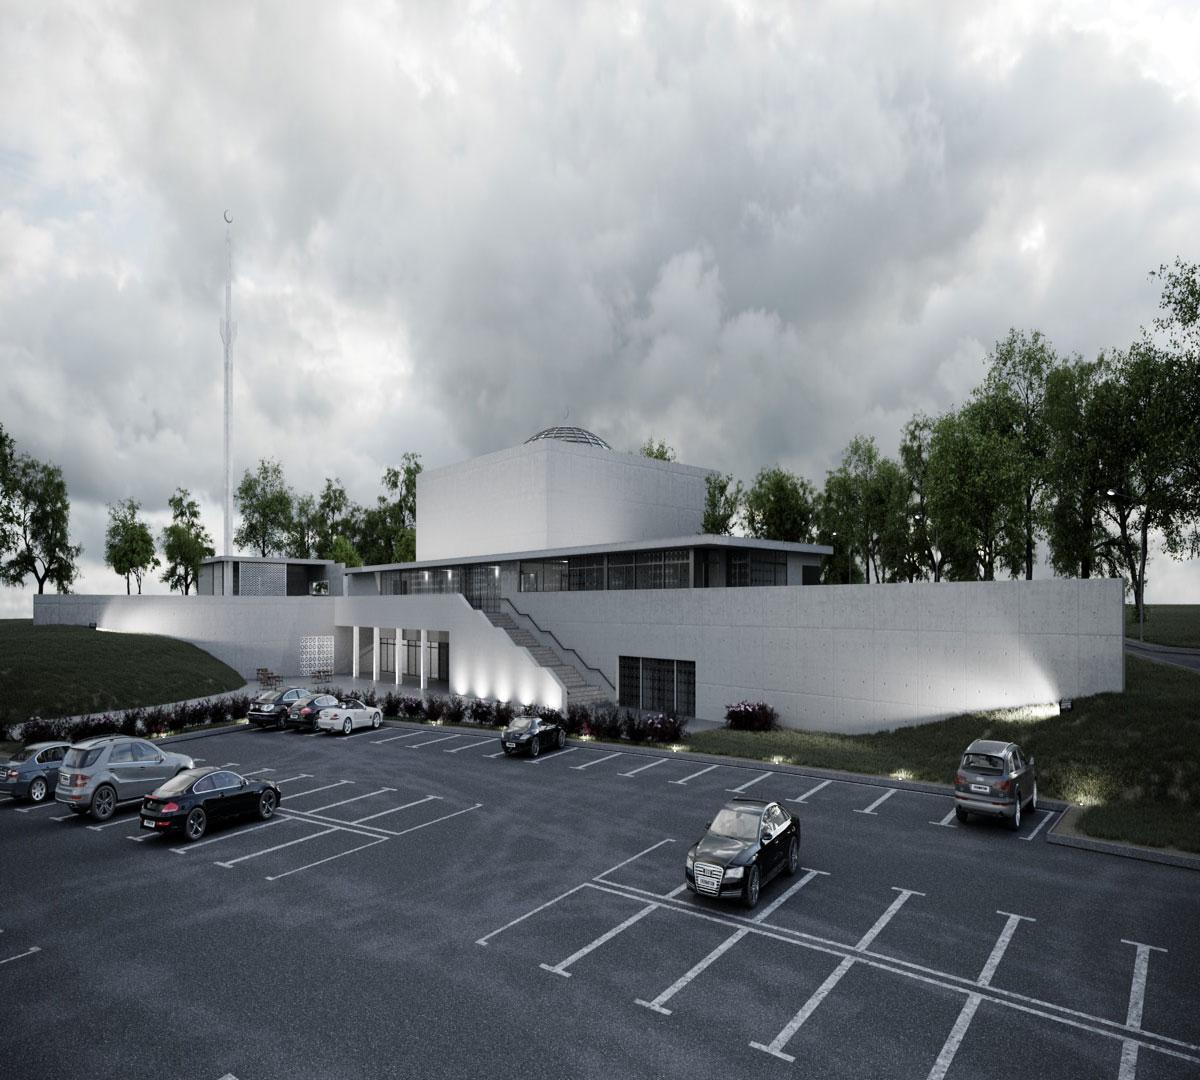 architektur rendering mosque